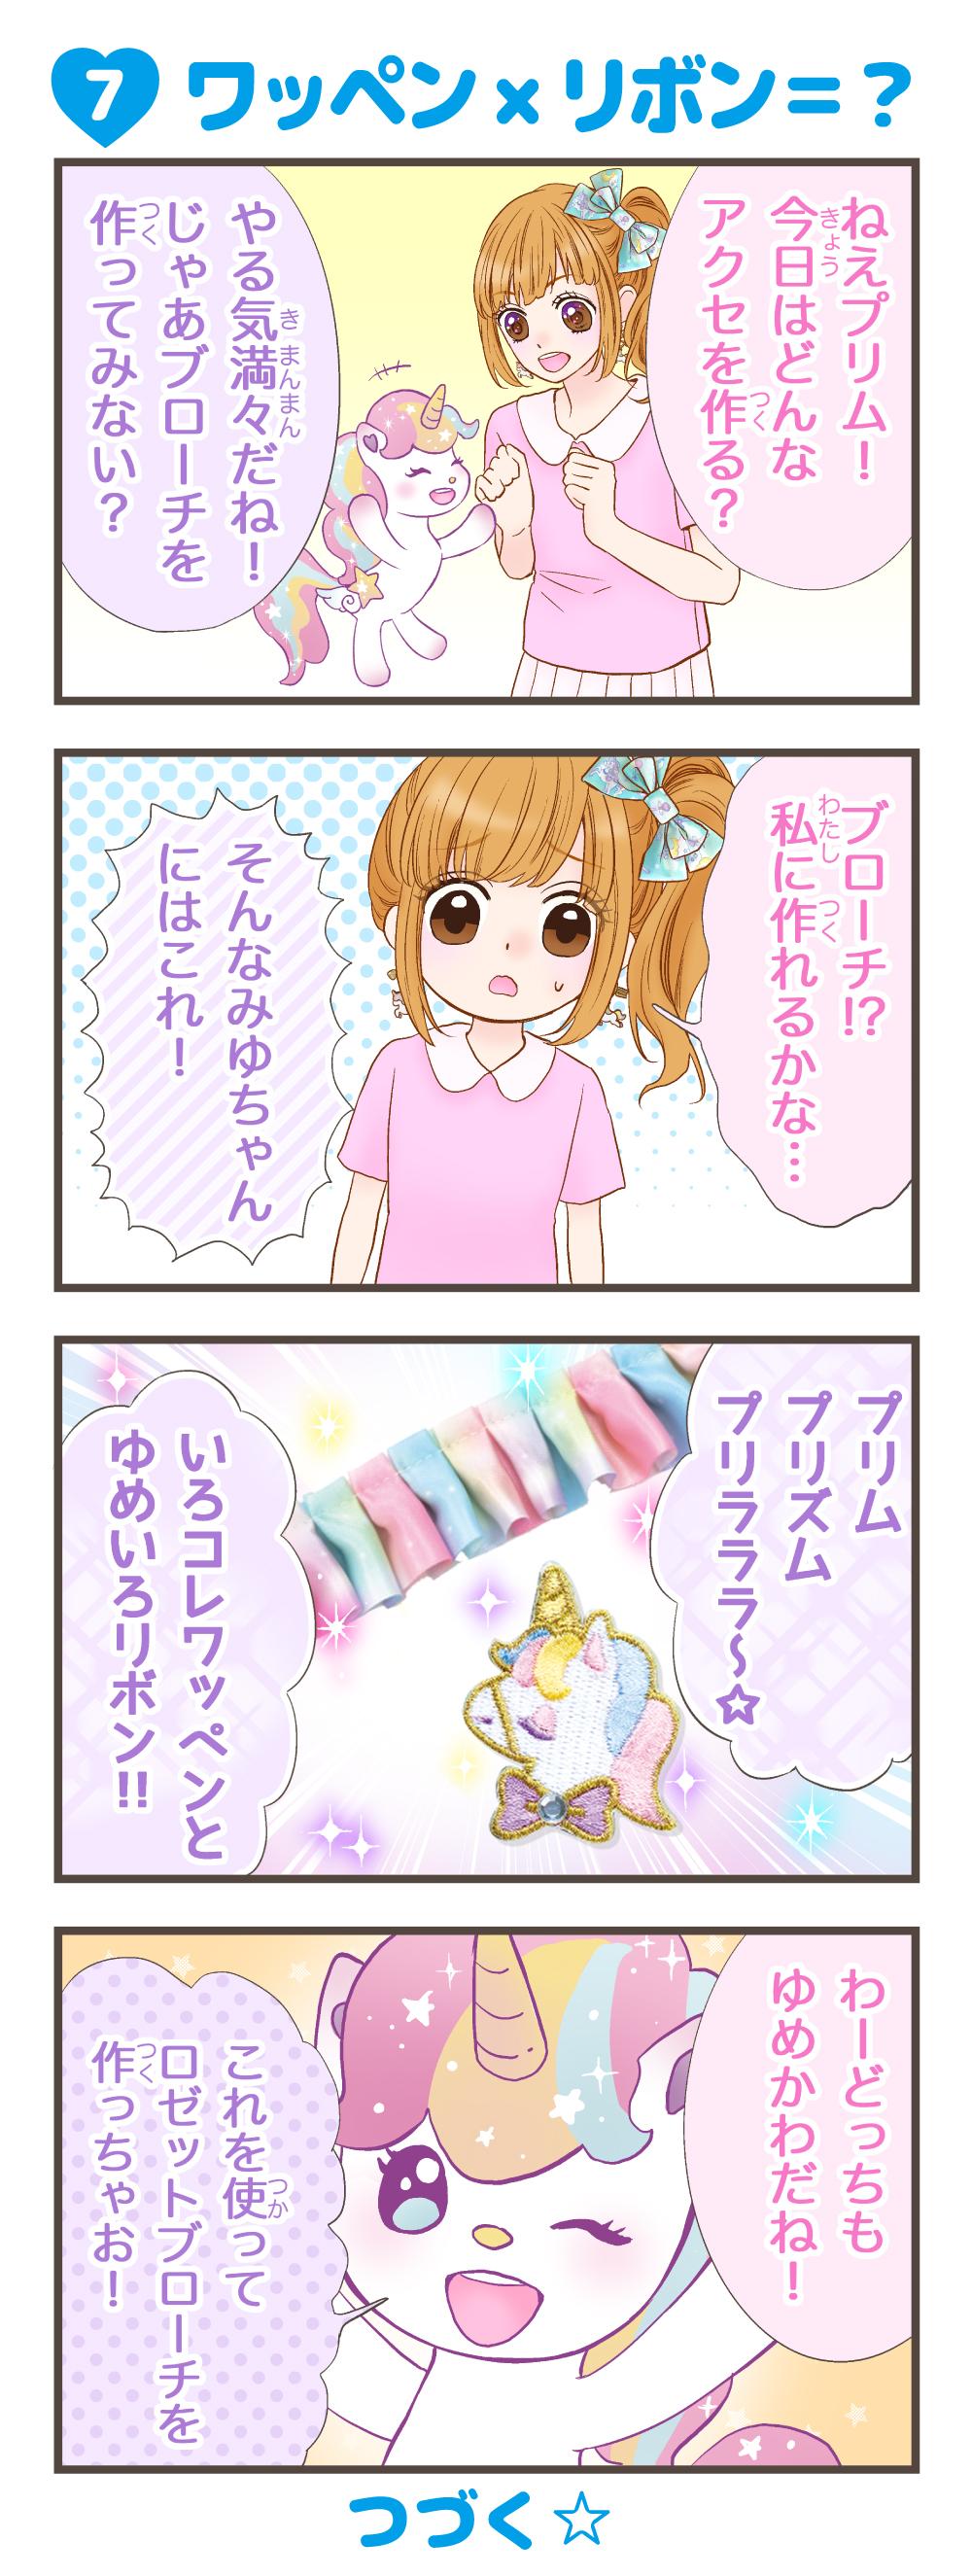 いろコレ漫画7話